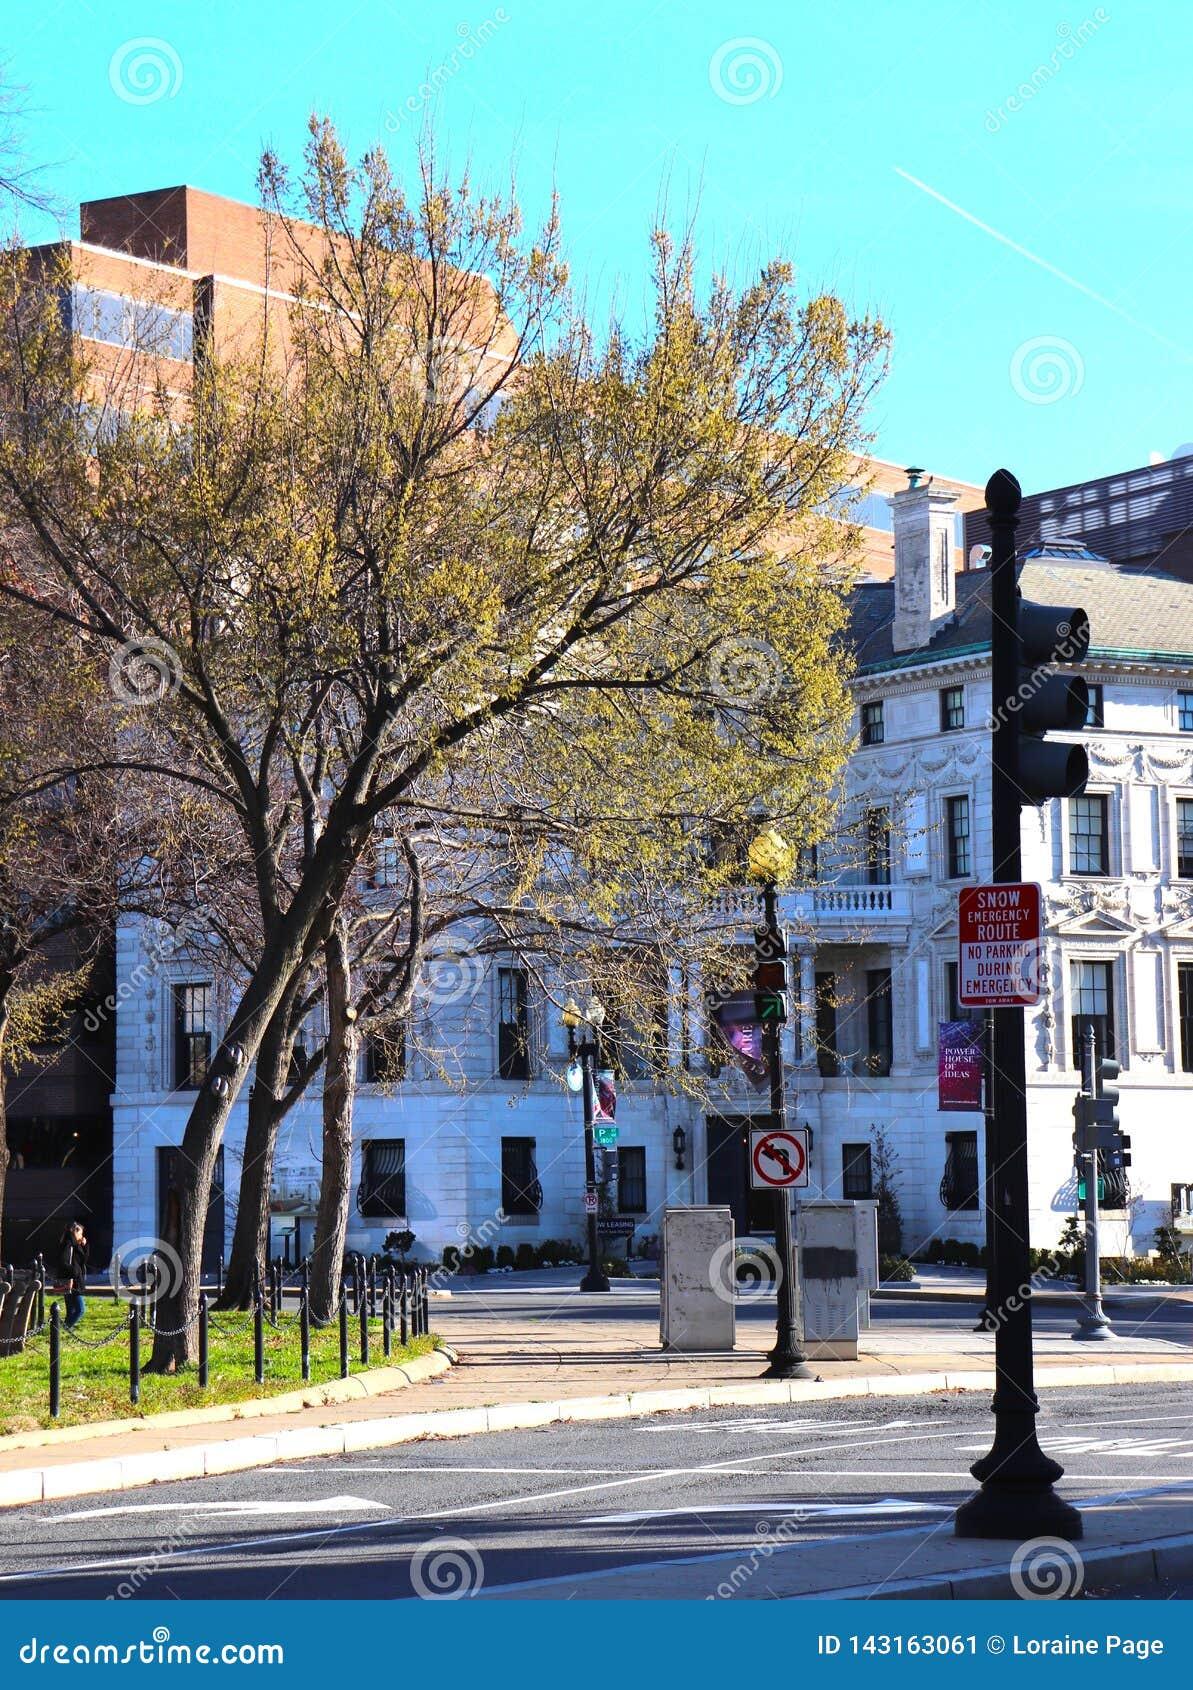 Serene City Corner på en genomskärning, nya sidor på träd